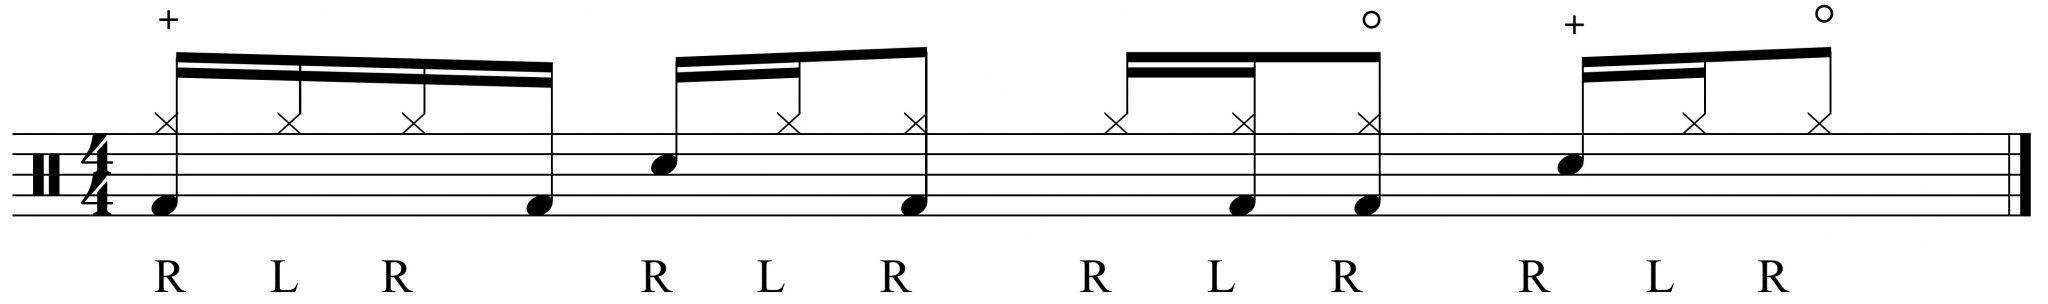 hi-hat variation 2